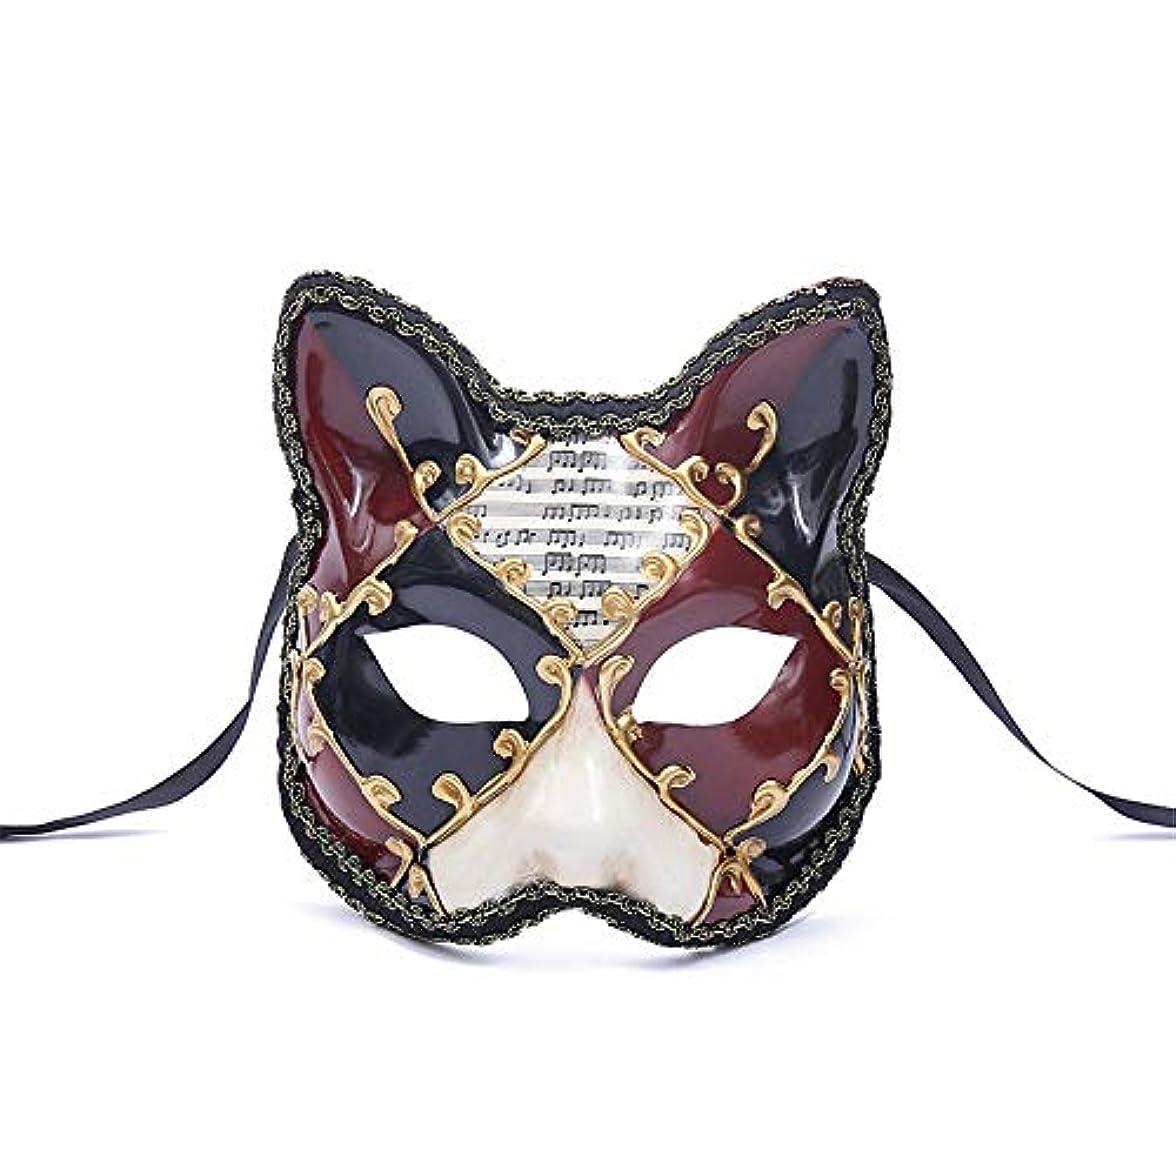 オプション骨の折れる良心ダンスマスク 大きな猫アンティーク動物レトロコスプレハロウィーン仮装マスクナイトクラブマスク雰囲気フェスティバルマスク パーティーボールマスク (色 : 赤, サイズ : 17.5x16cm)